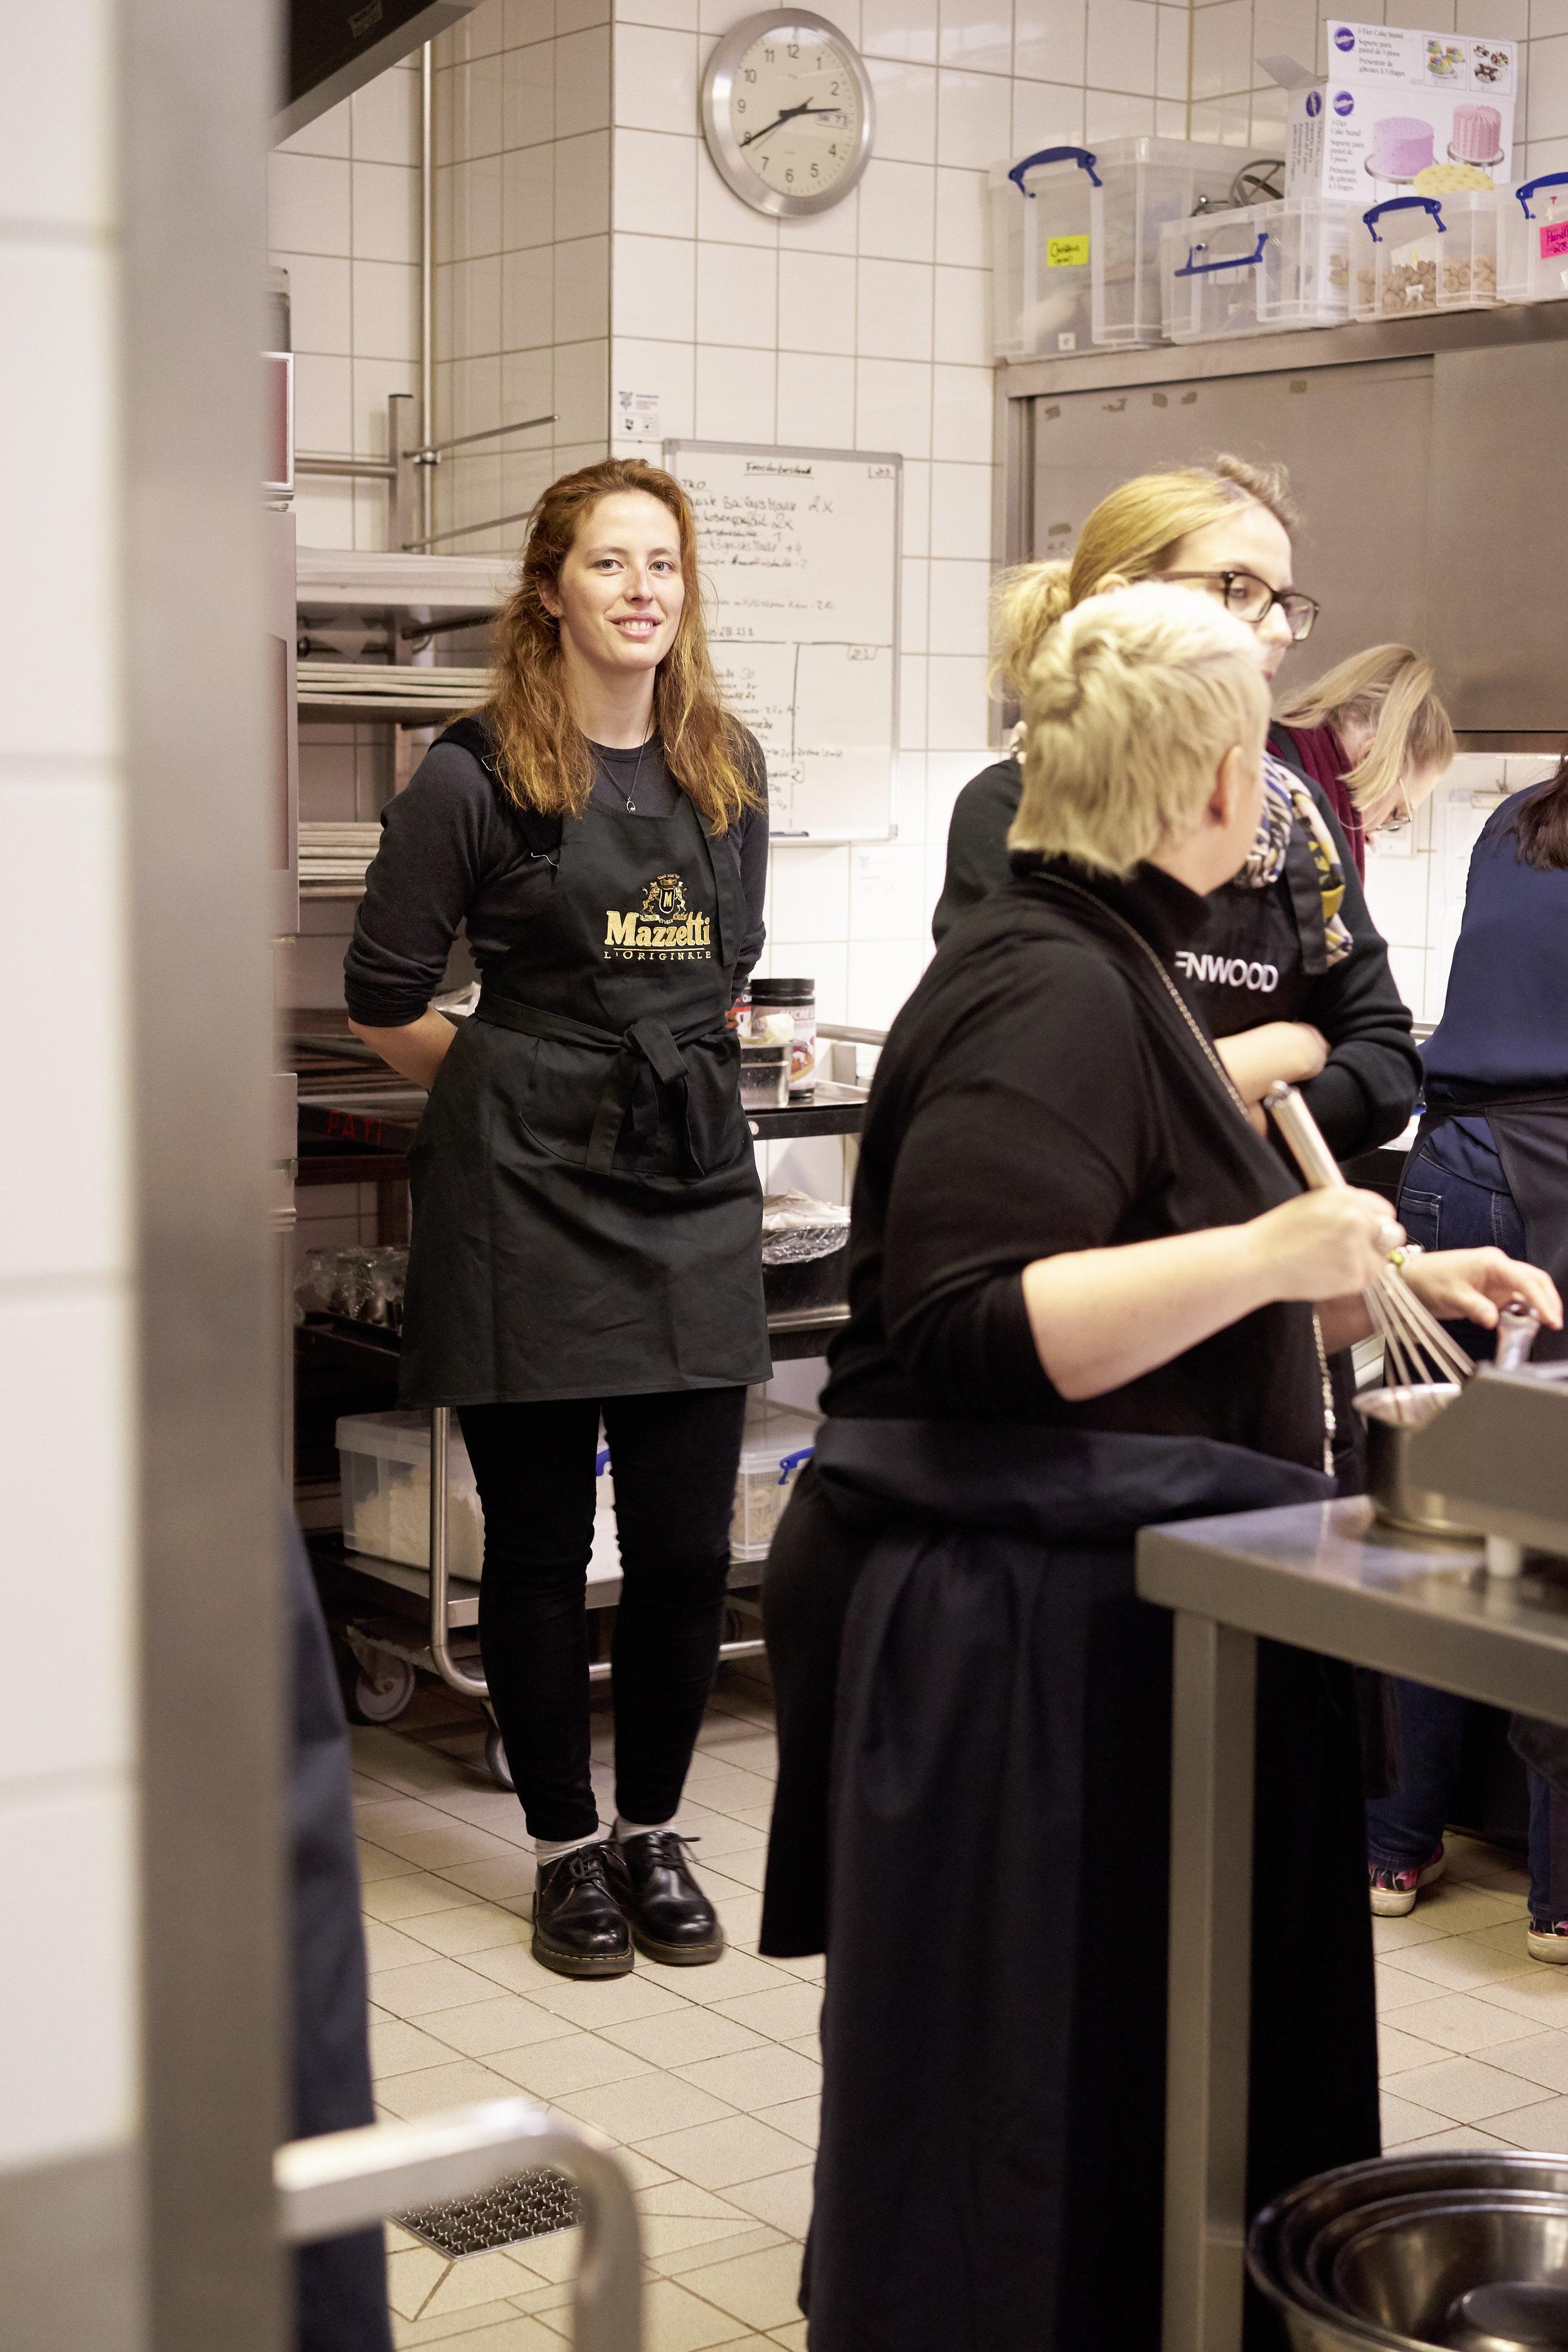 Food_Blog_Meet_Berlin_78 copy.jpg